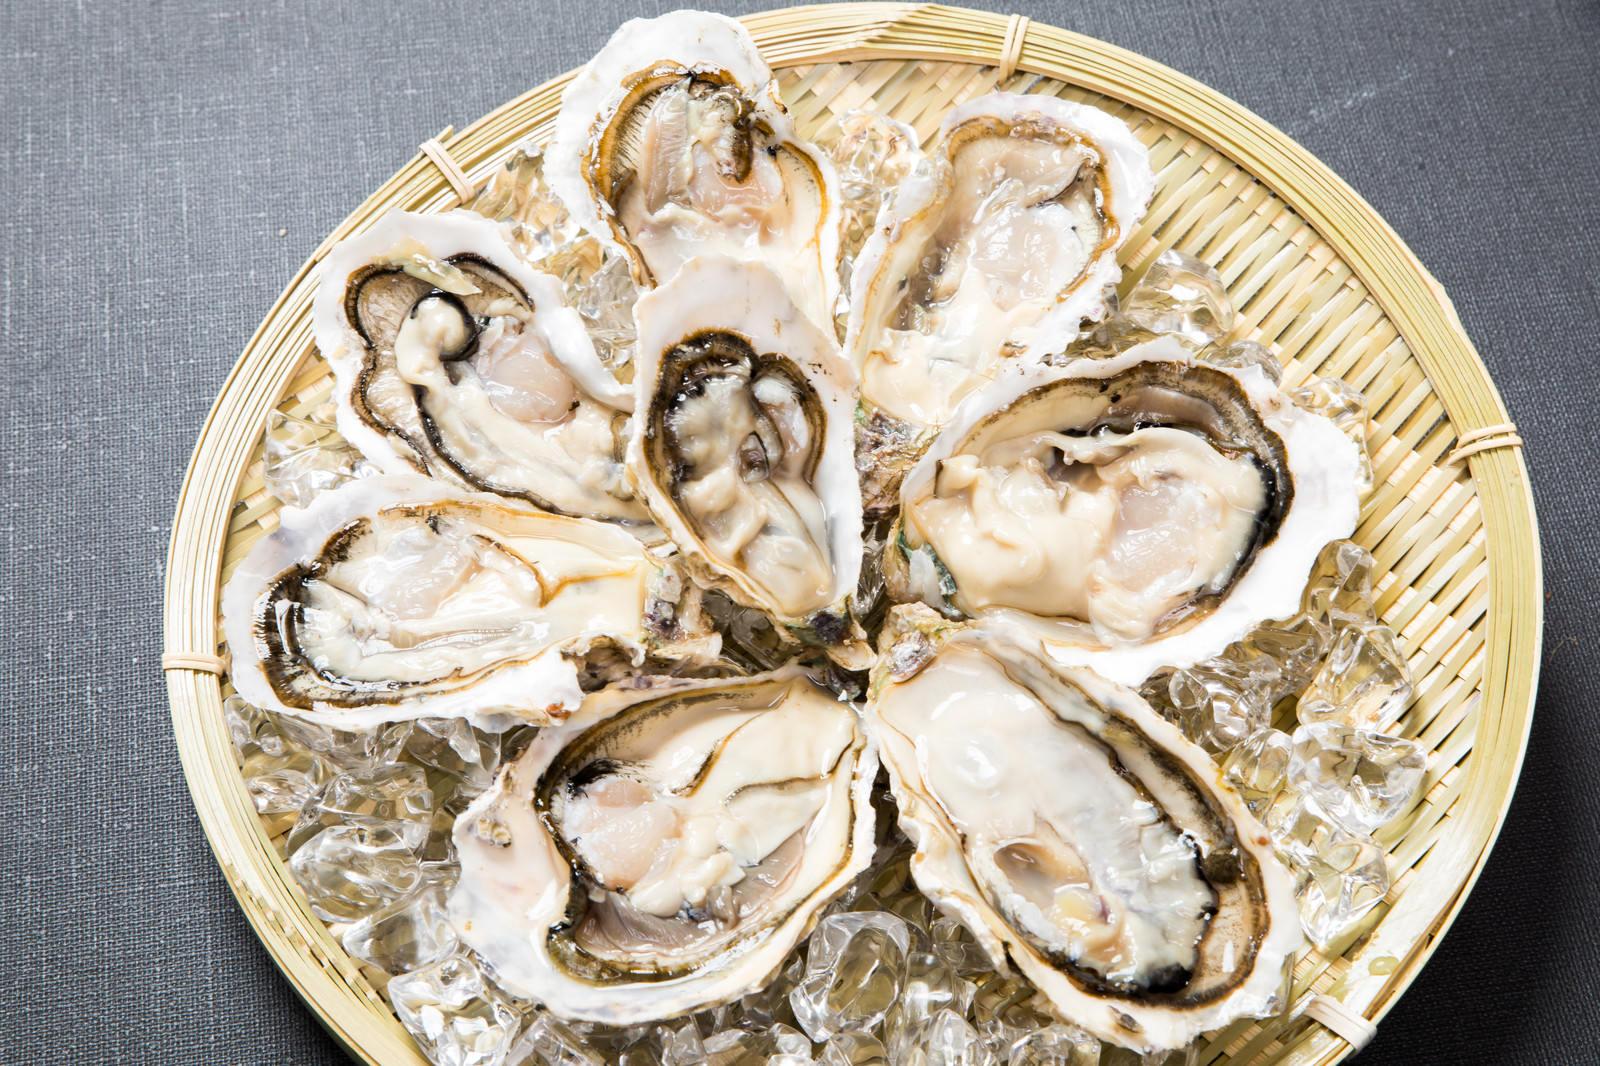 「プリッとした新鮮な生牡蠣(恵比須牡蠣)プリッとした新鮮な生牡蠣(恵比須牡蠣)」のフリー写真素材を拡大